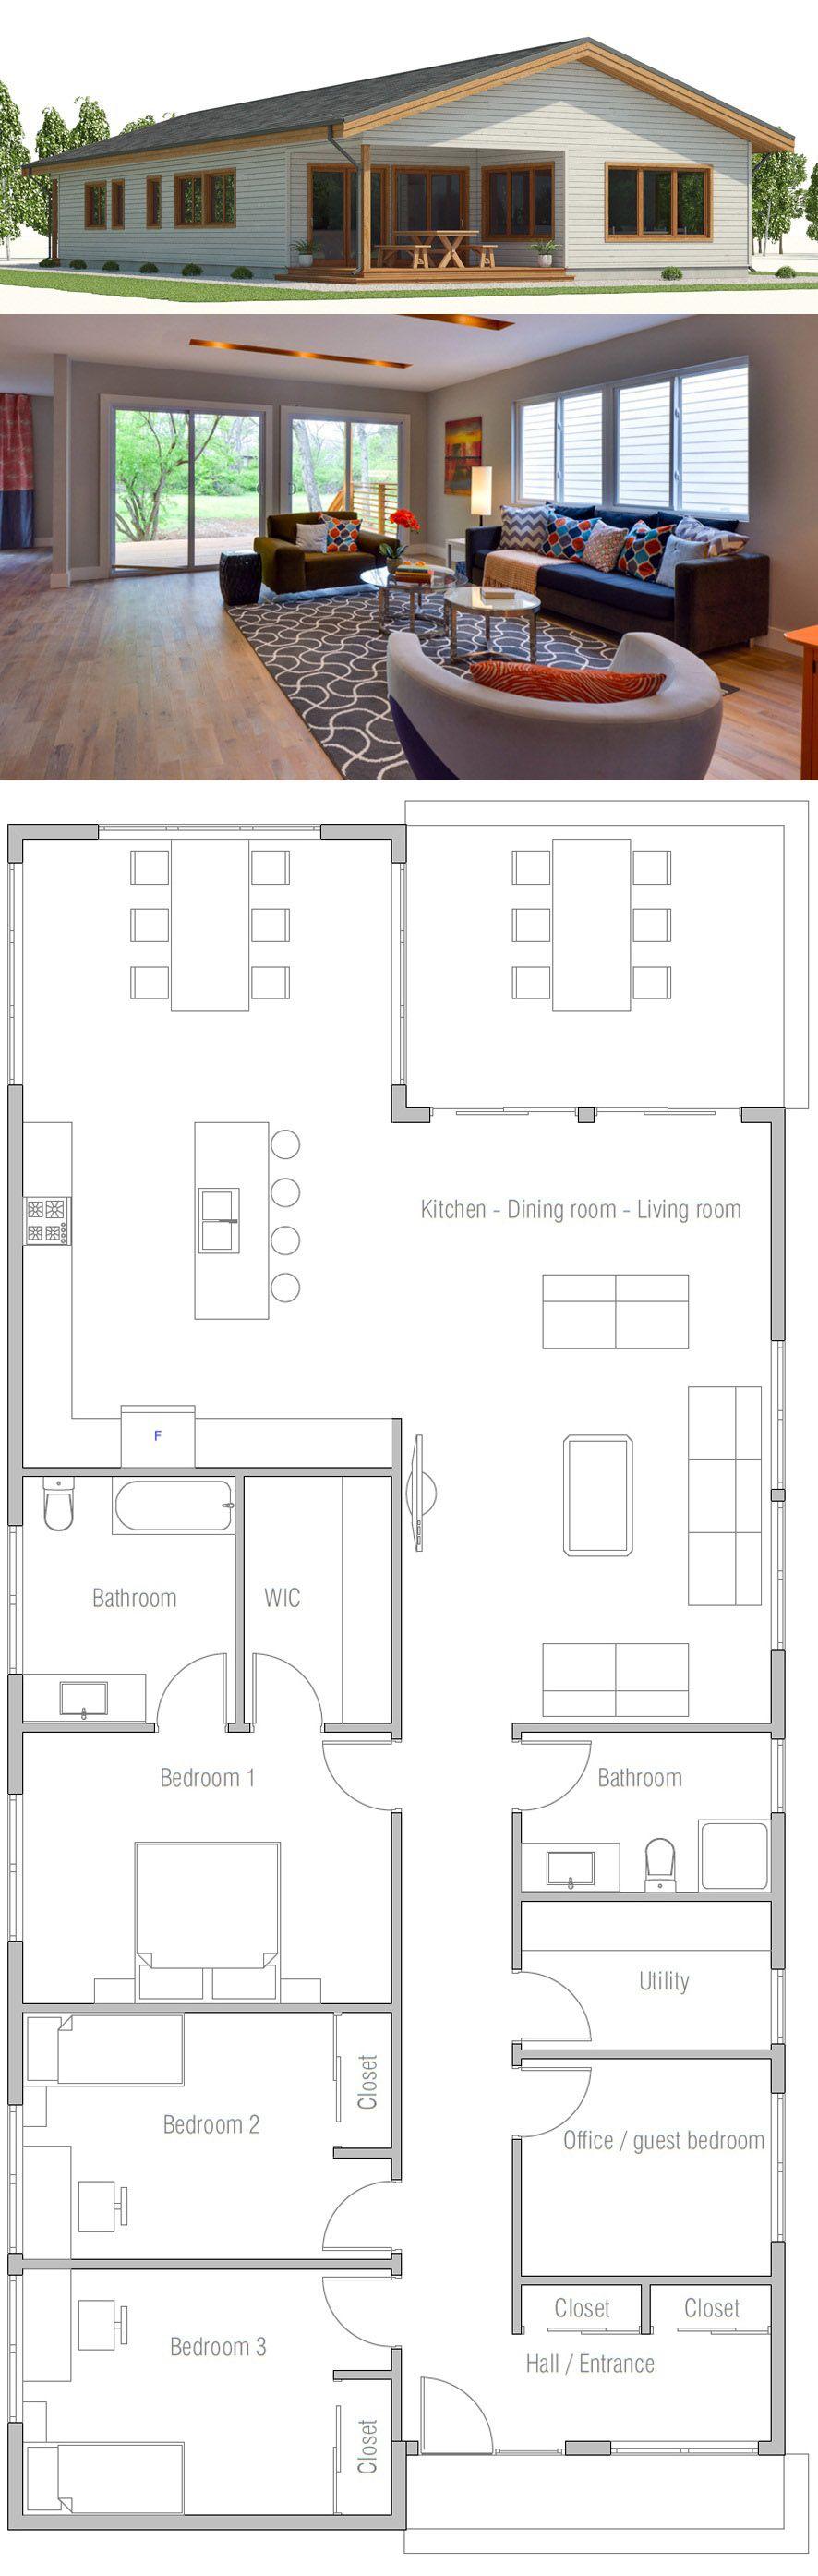 Architecture Plan De Maison Architecture Plandemaison Narrow House Plans Dream House Plans New House Plans